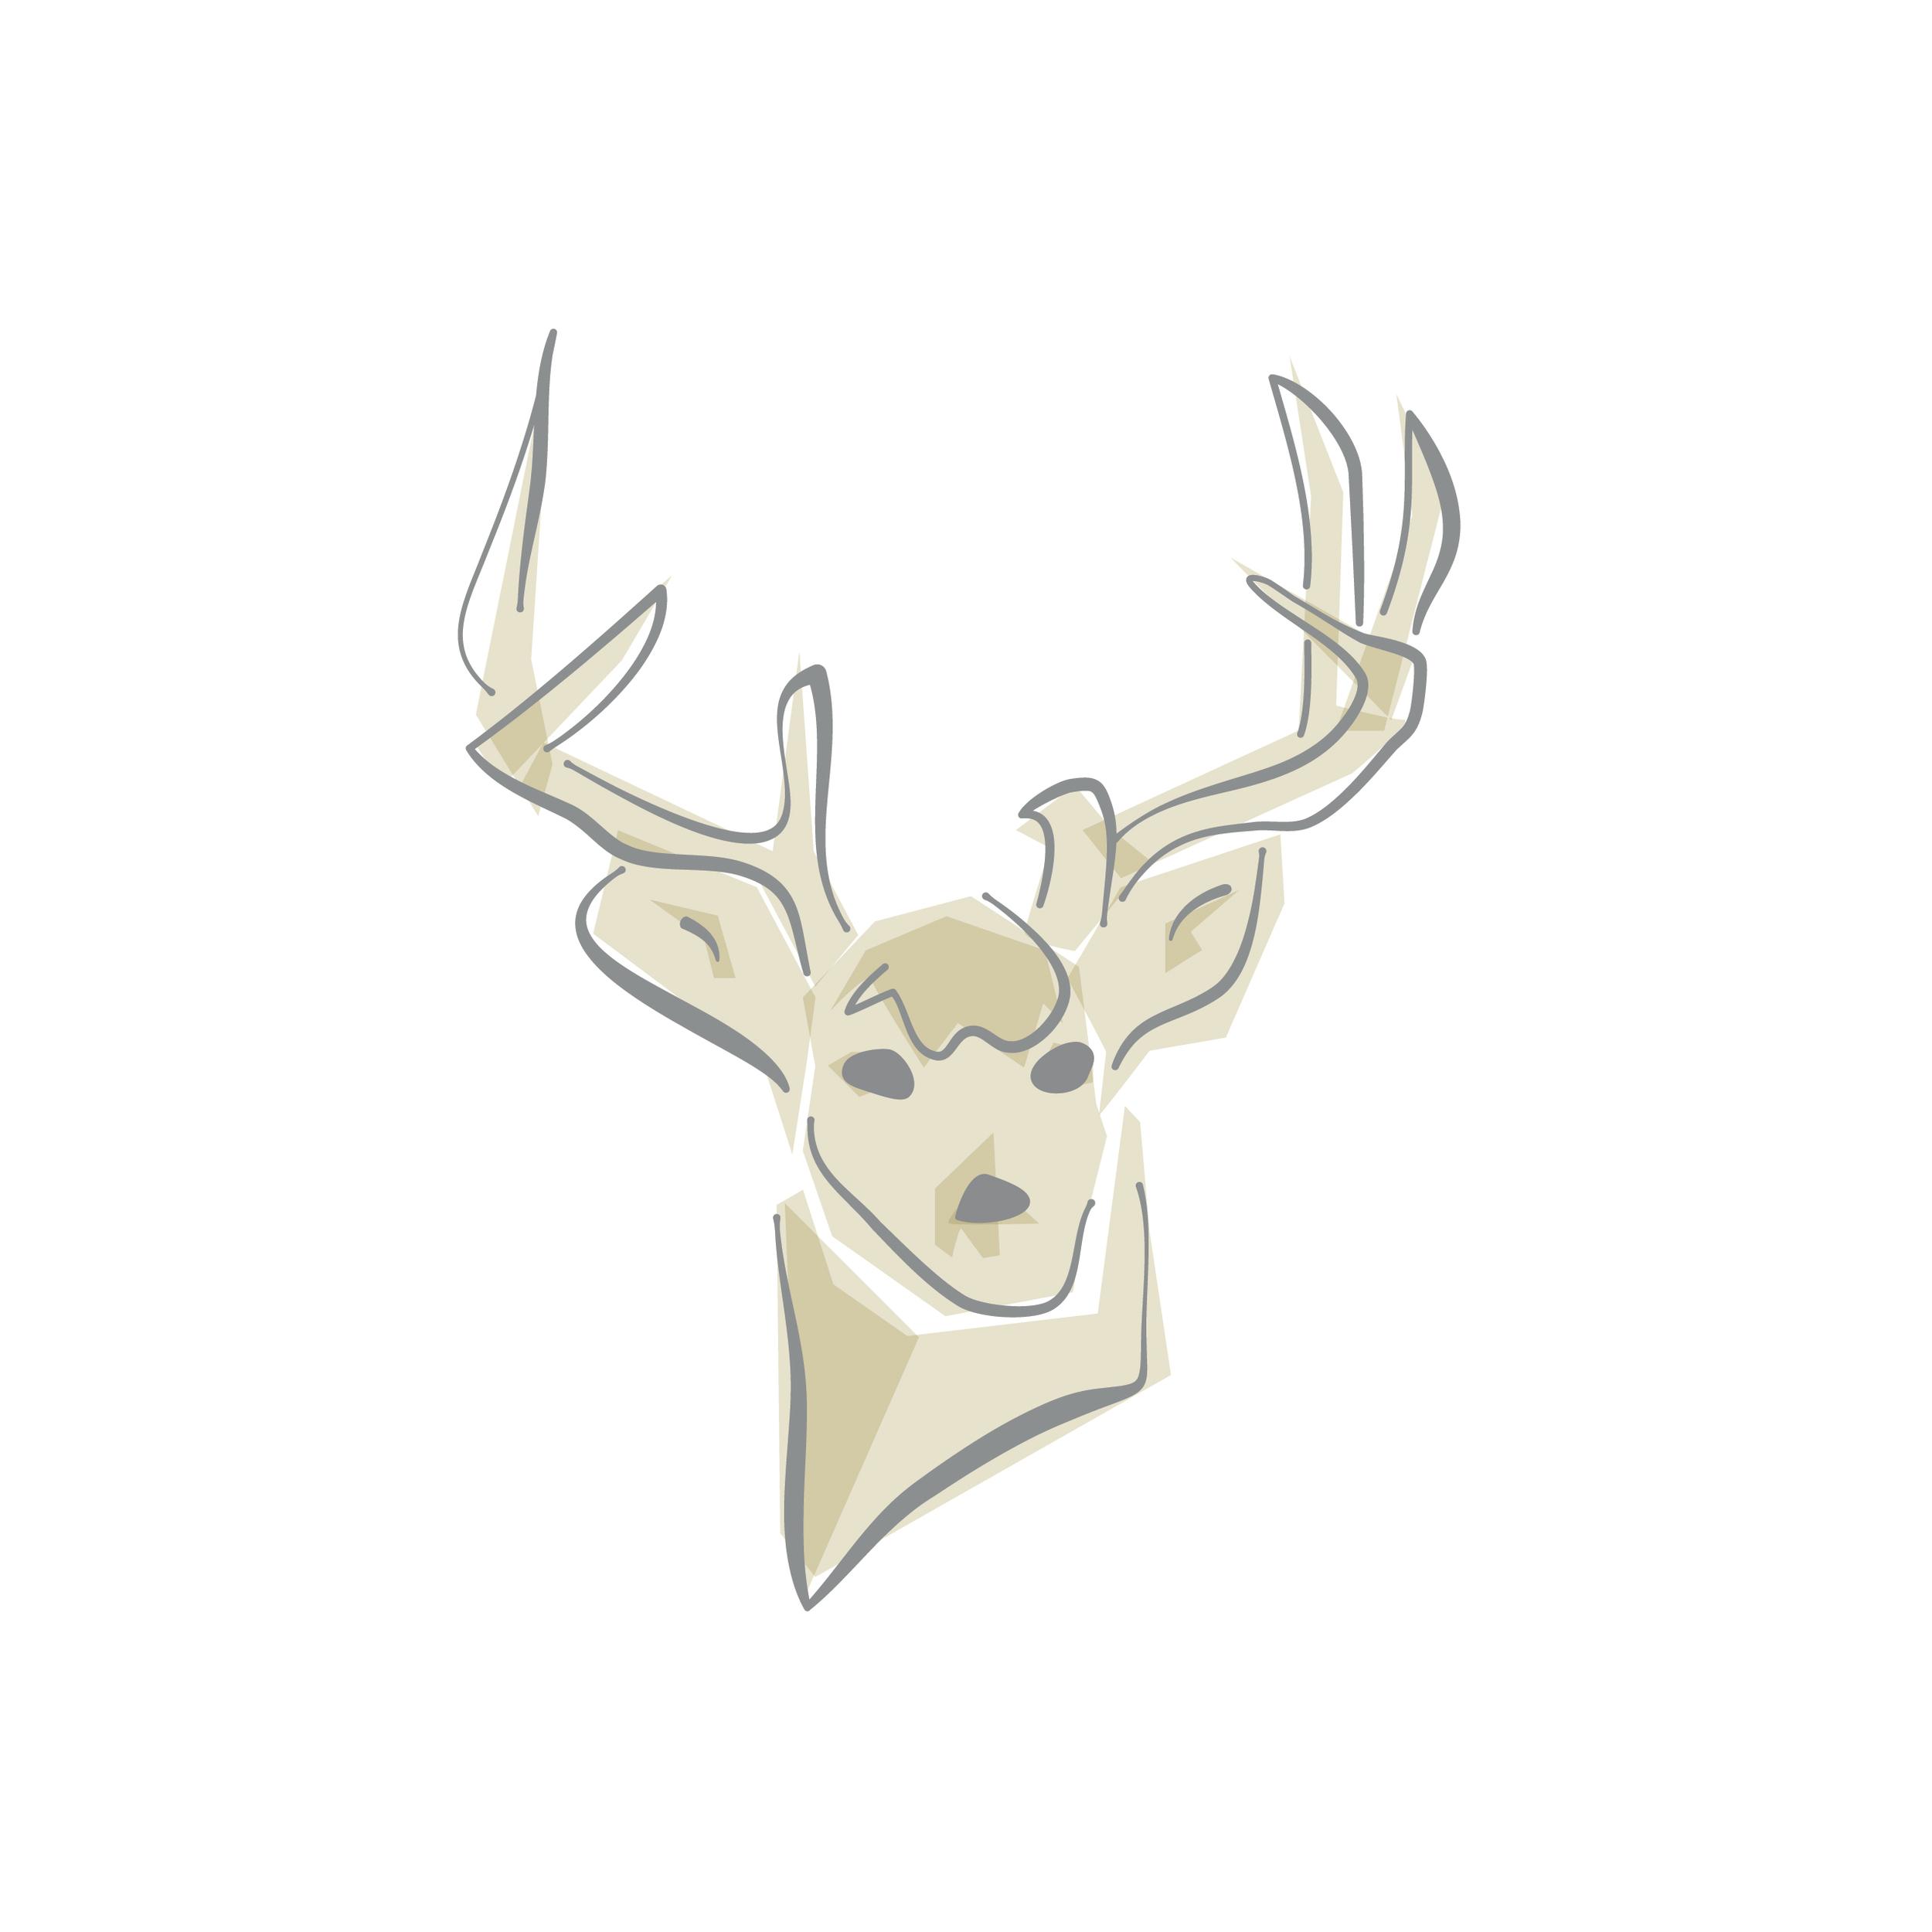 elizabeth-restaurant-deer-menu-illustration-drawing